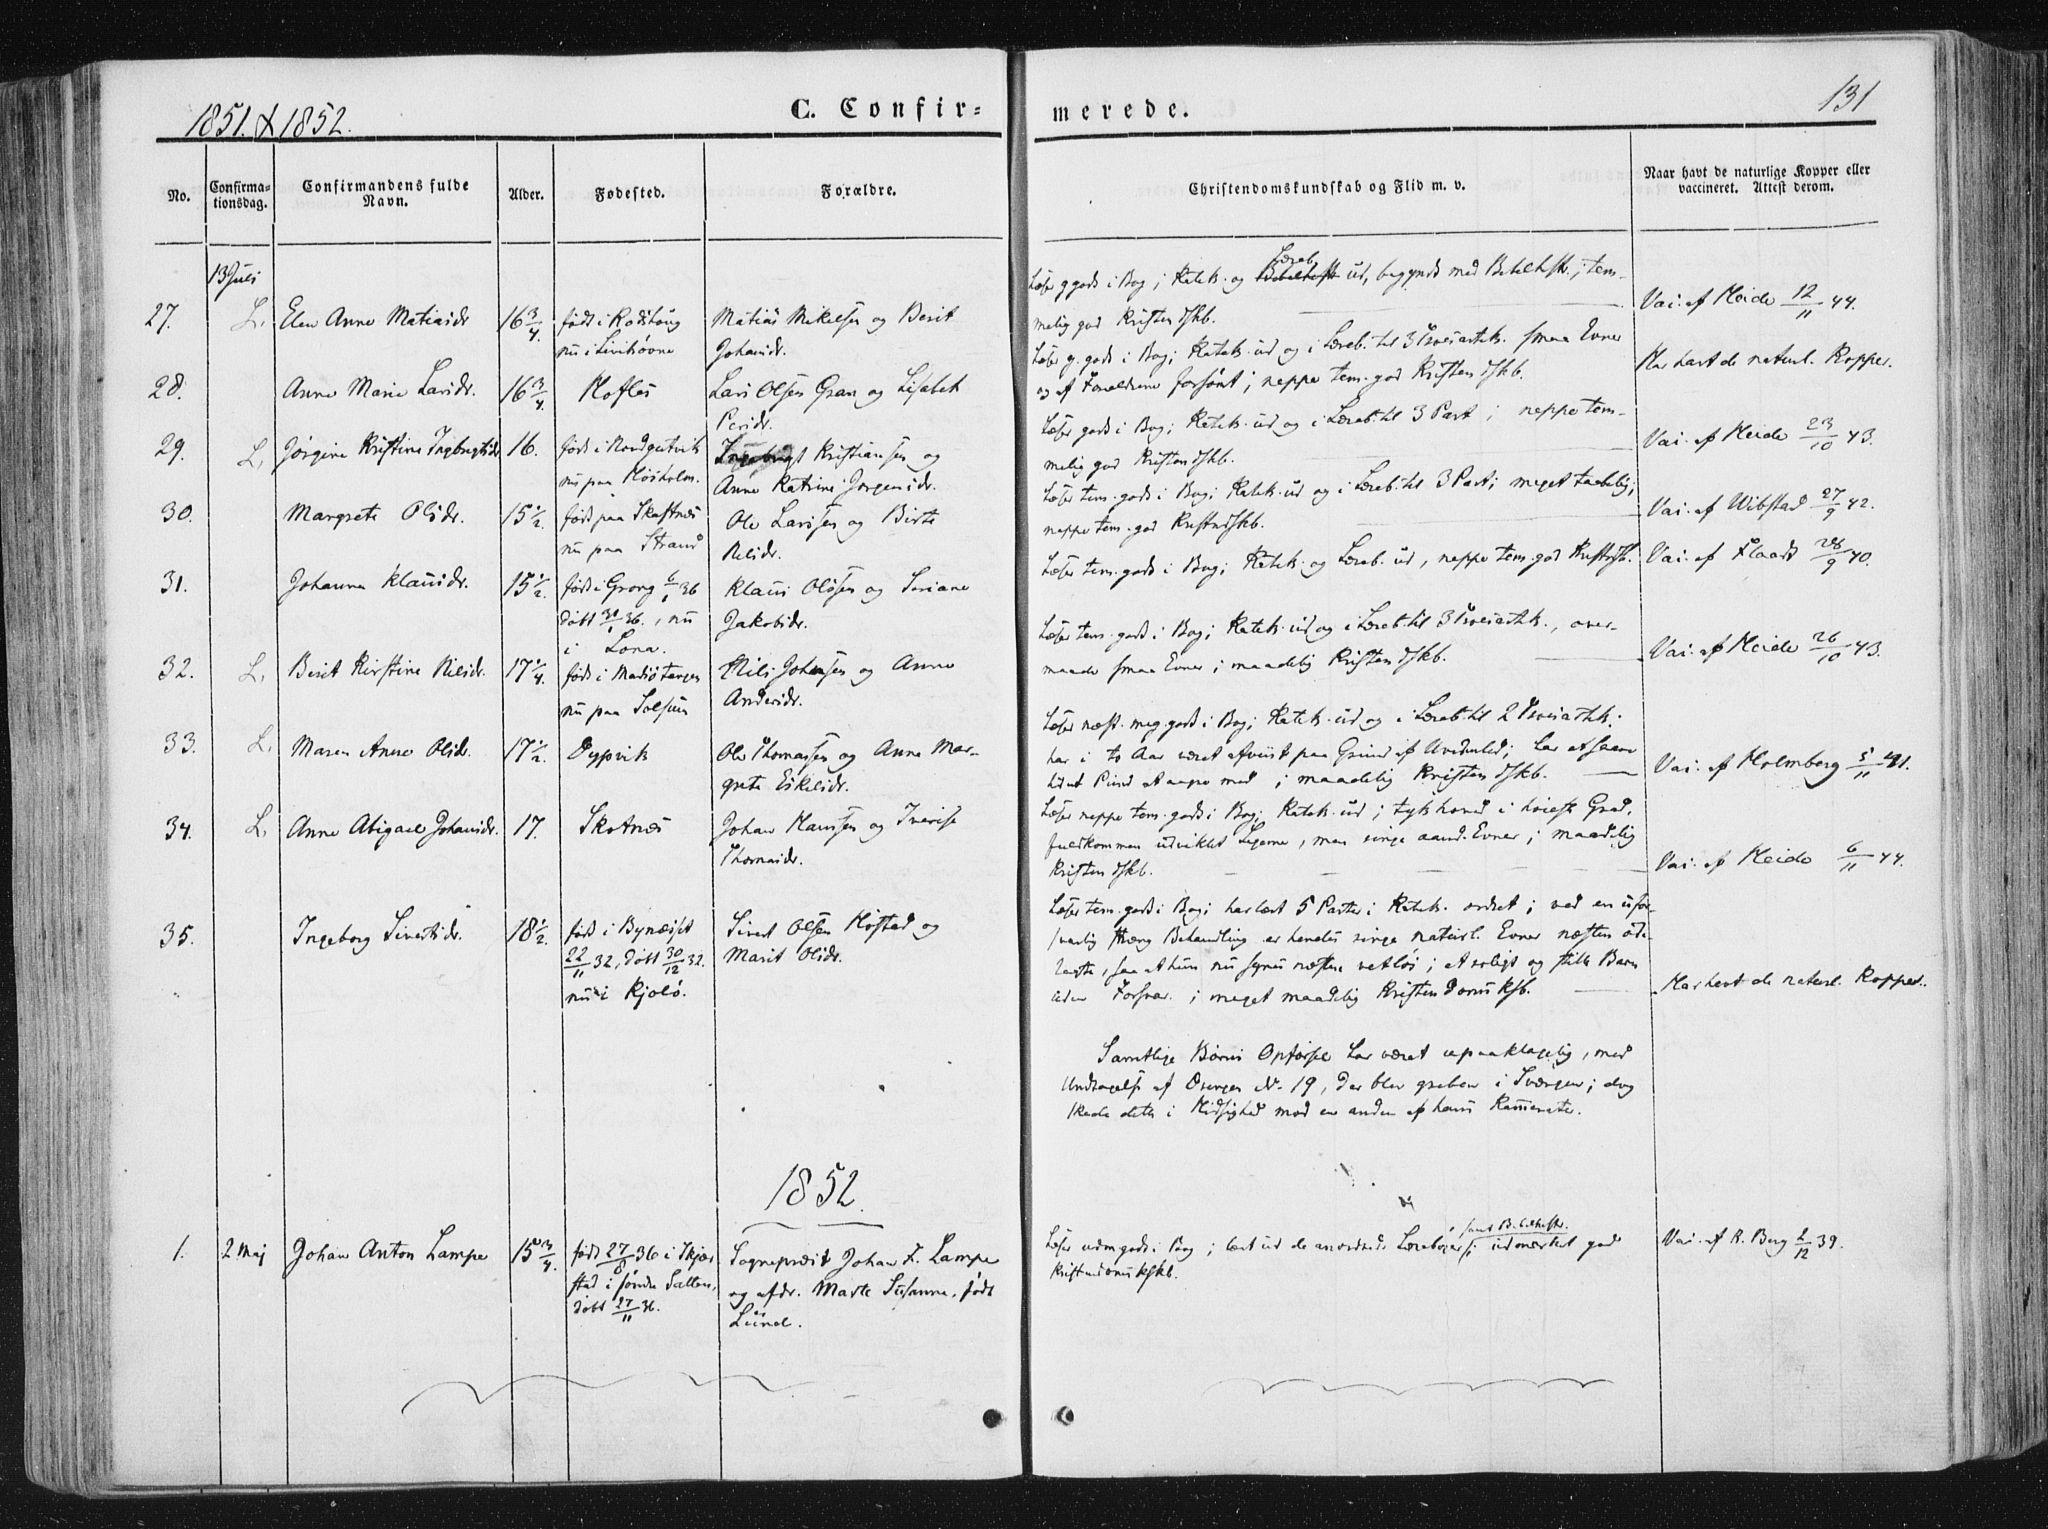 SAT, Ministerialprotokoller, klokkerbøker og fødselsregistre - Nord-Trøndelag, 780/L0640: Ministerialbok nr. 780A05, 1845-1856, s. 131